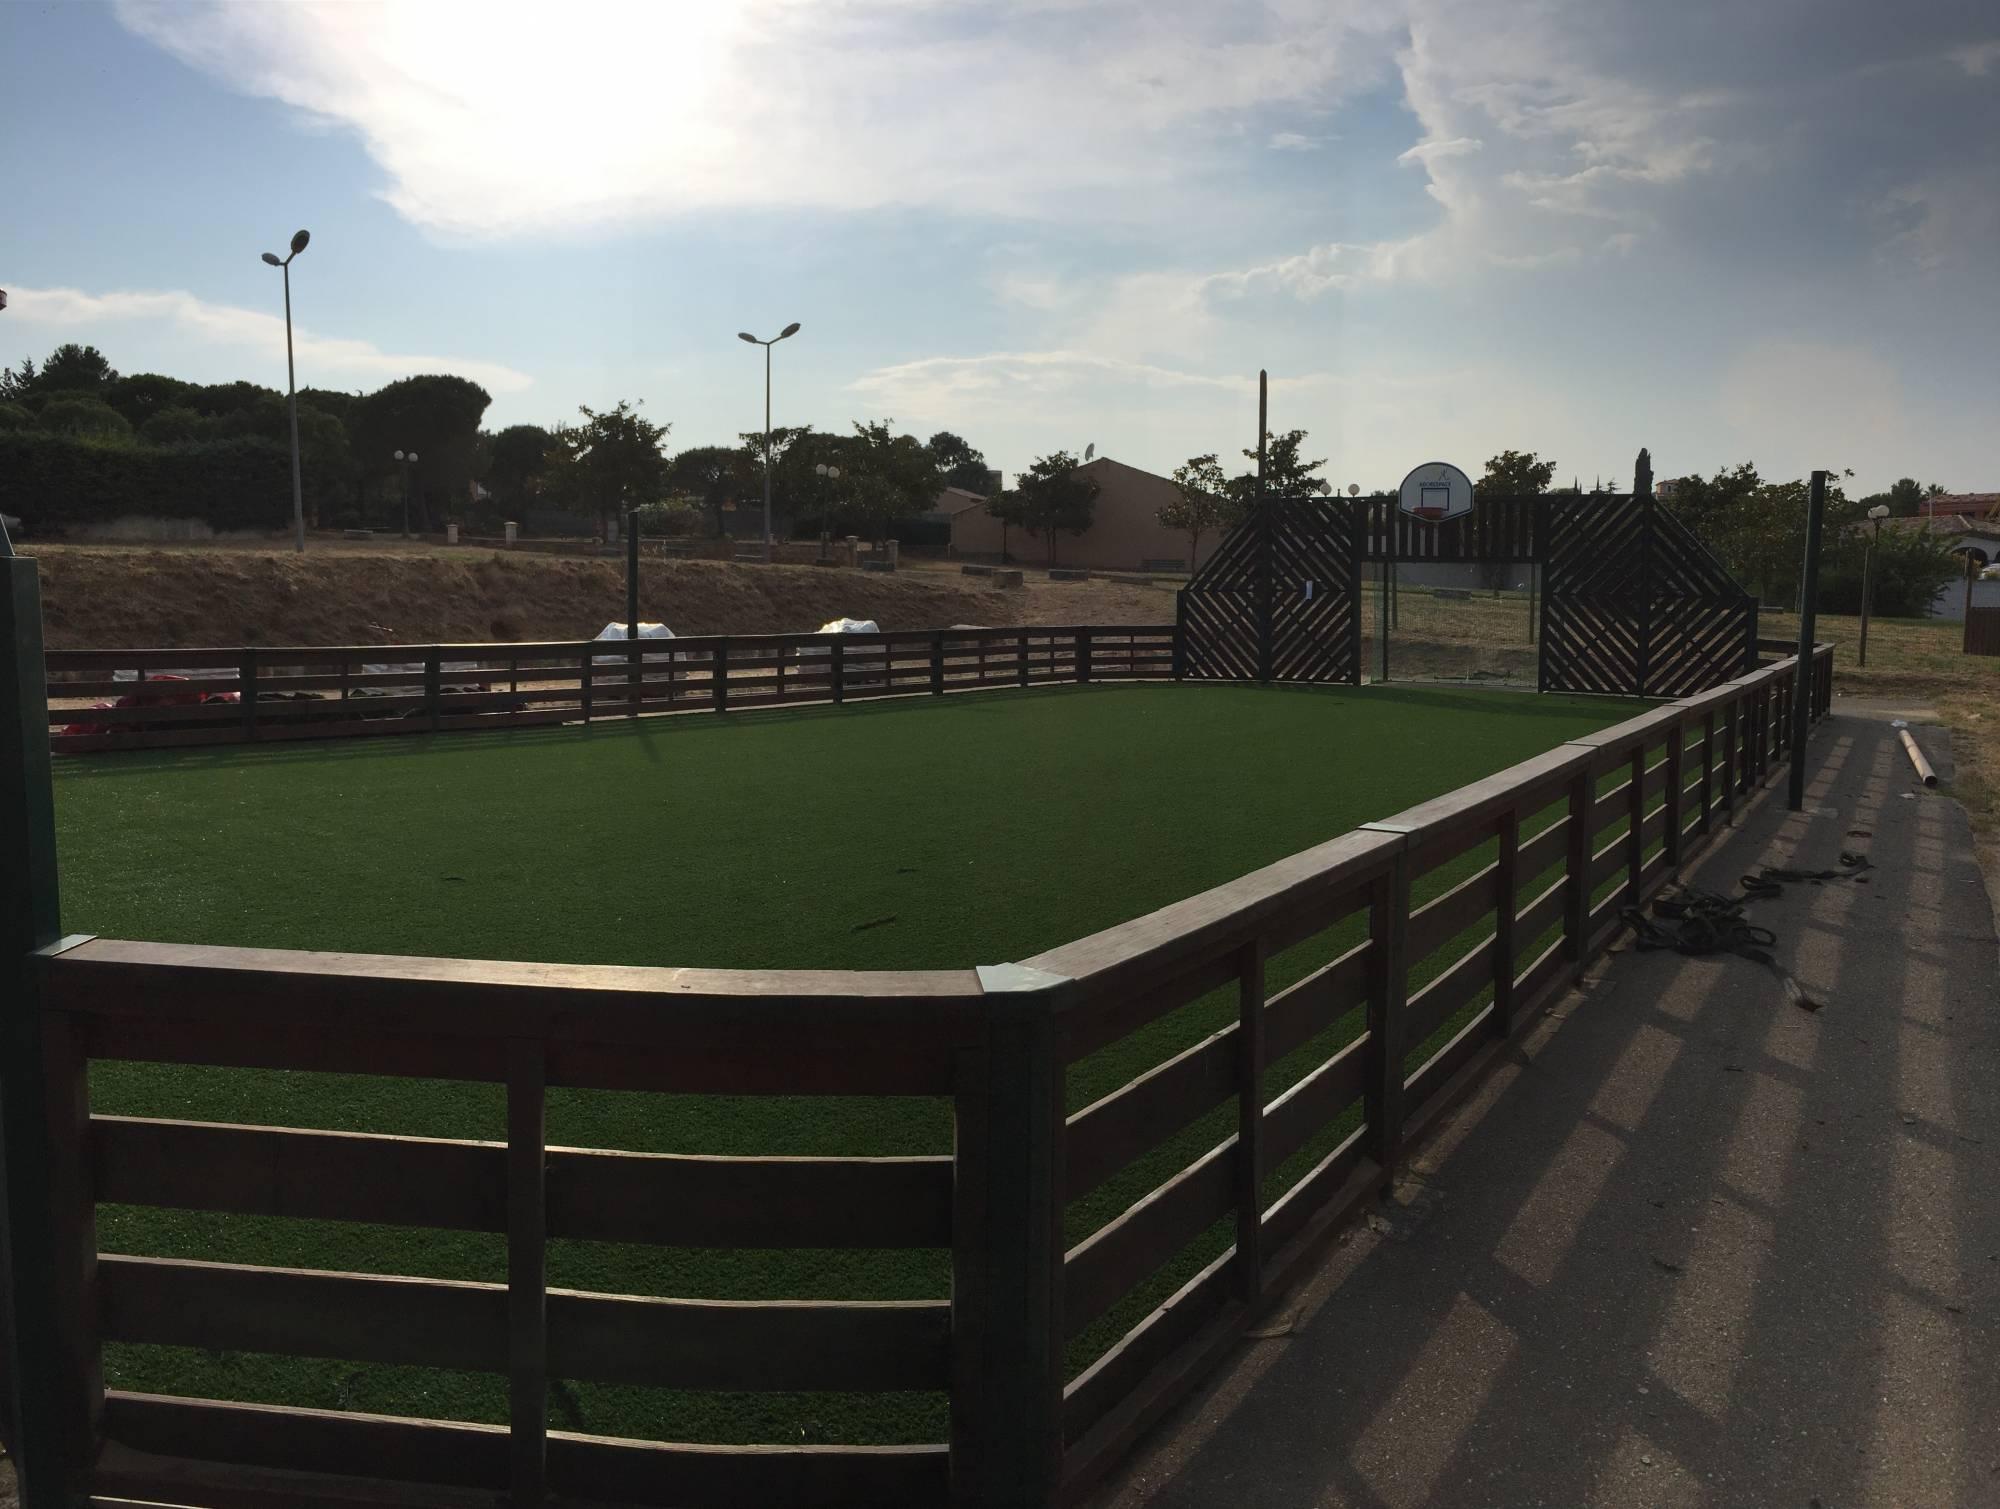 remplacement du gazon synthétique d'un terrain multisport